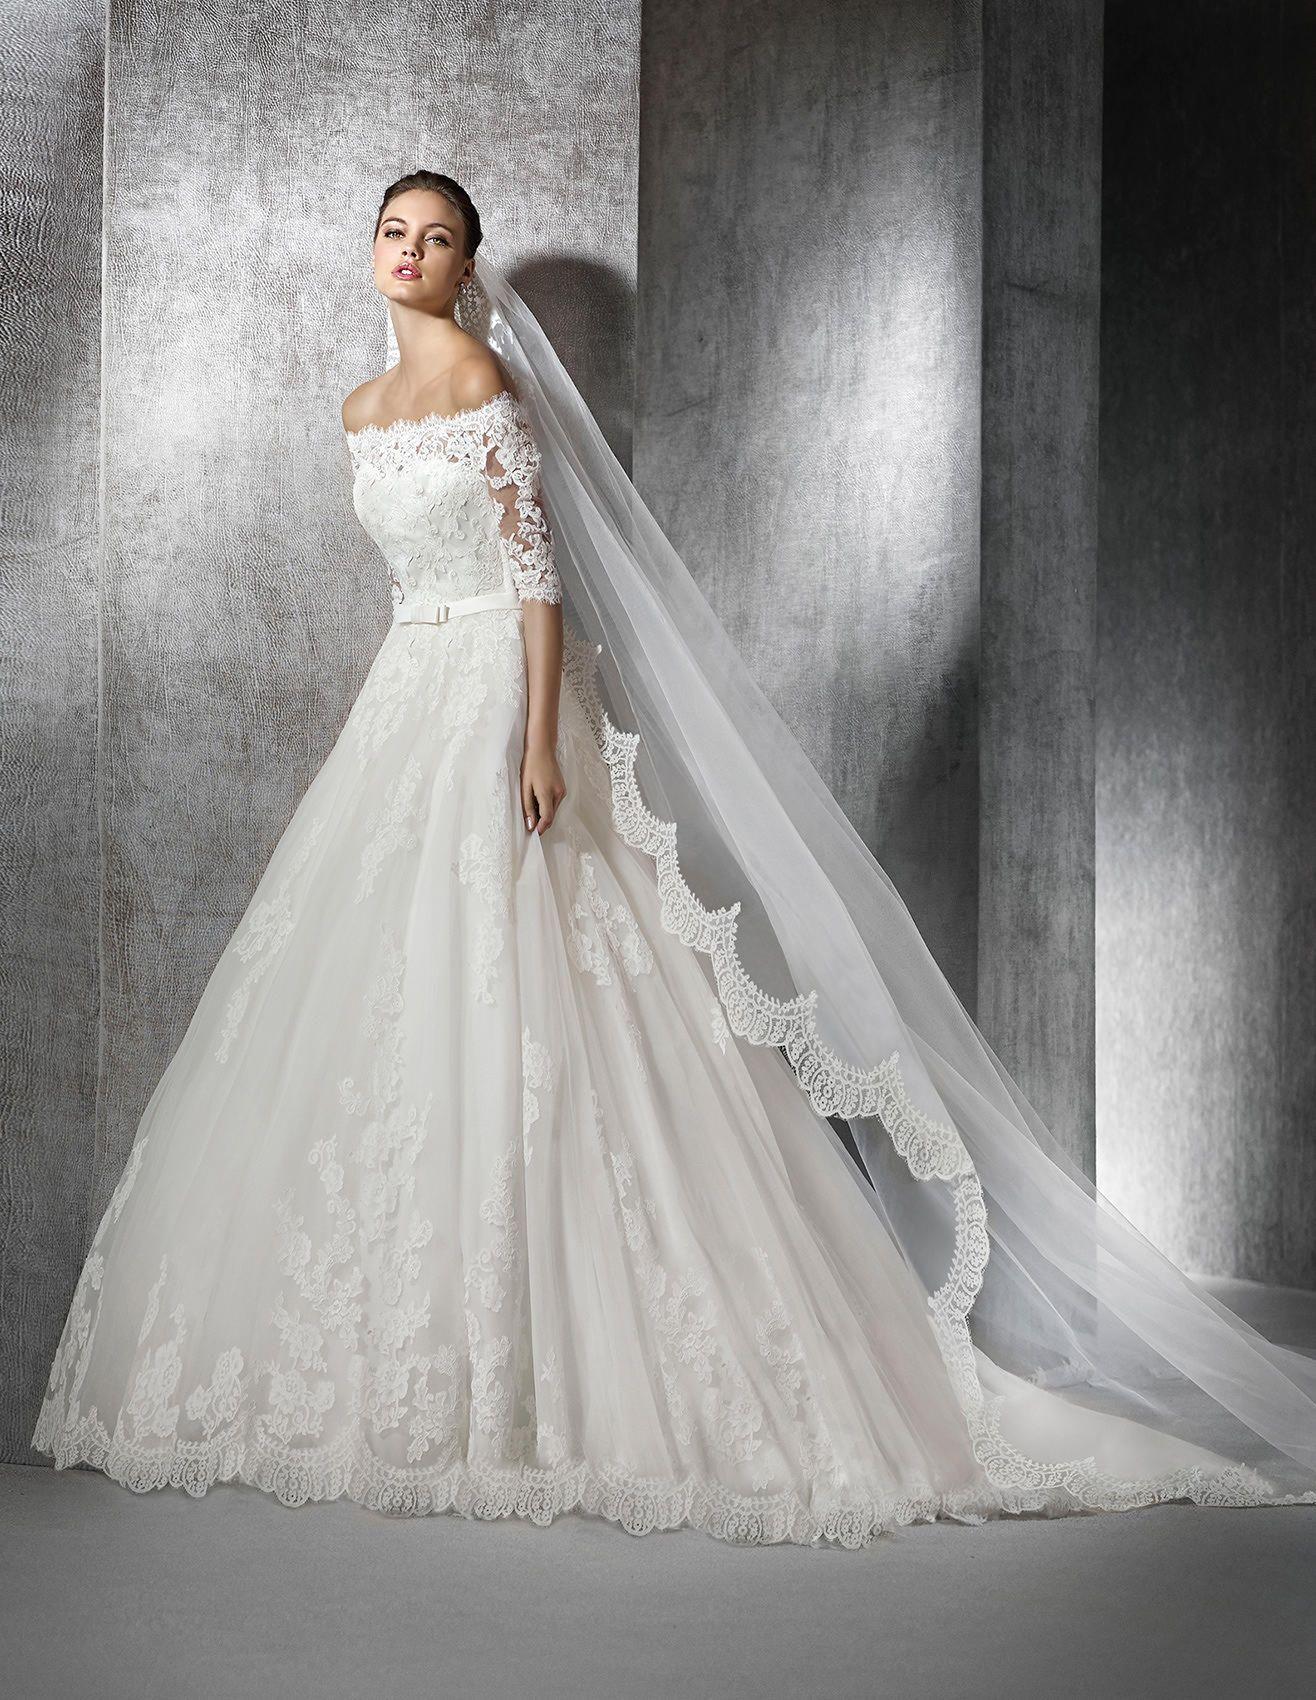 Ungewöhnlich Brautkleider Kate Middleton Stil Ideen - Brautkleider ...